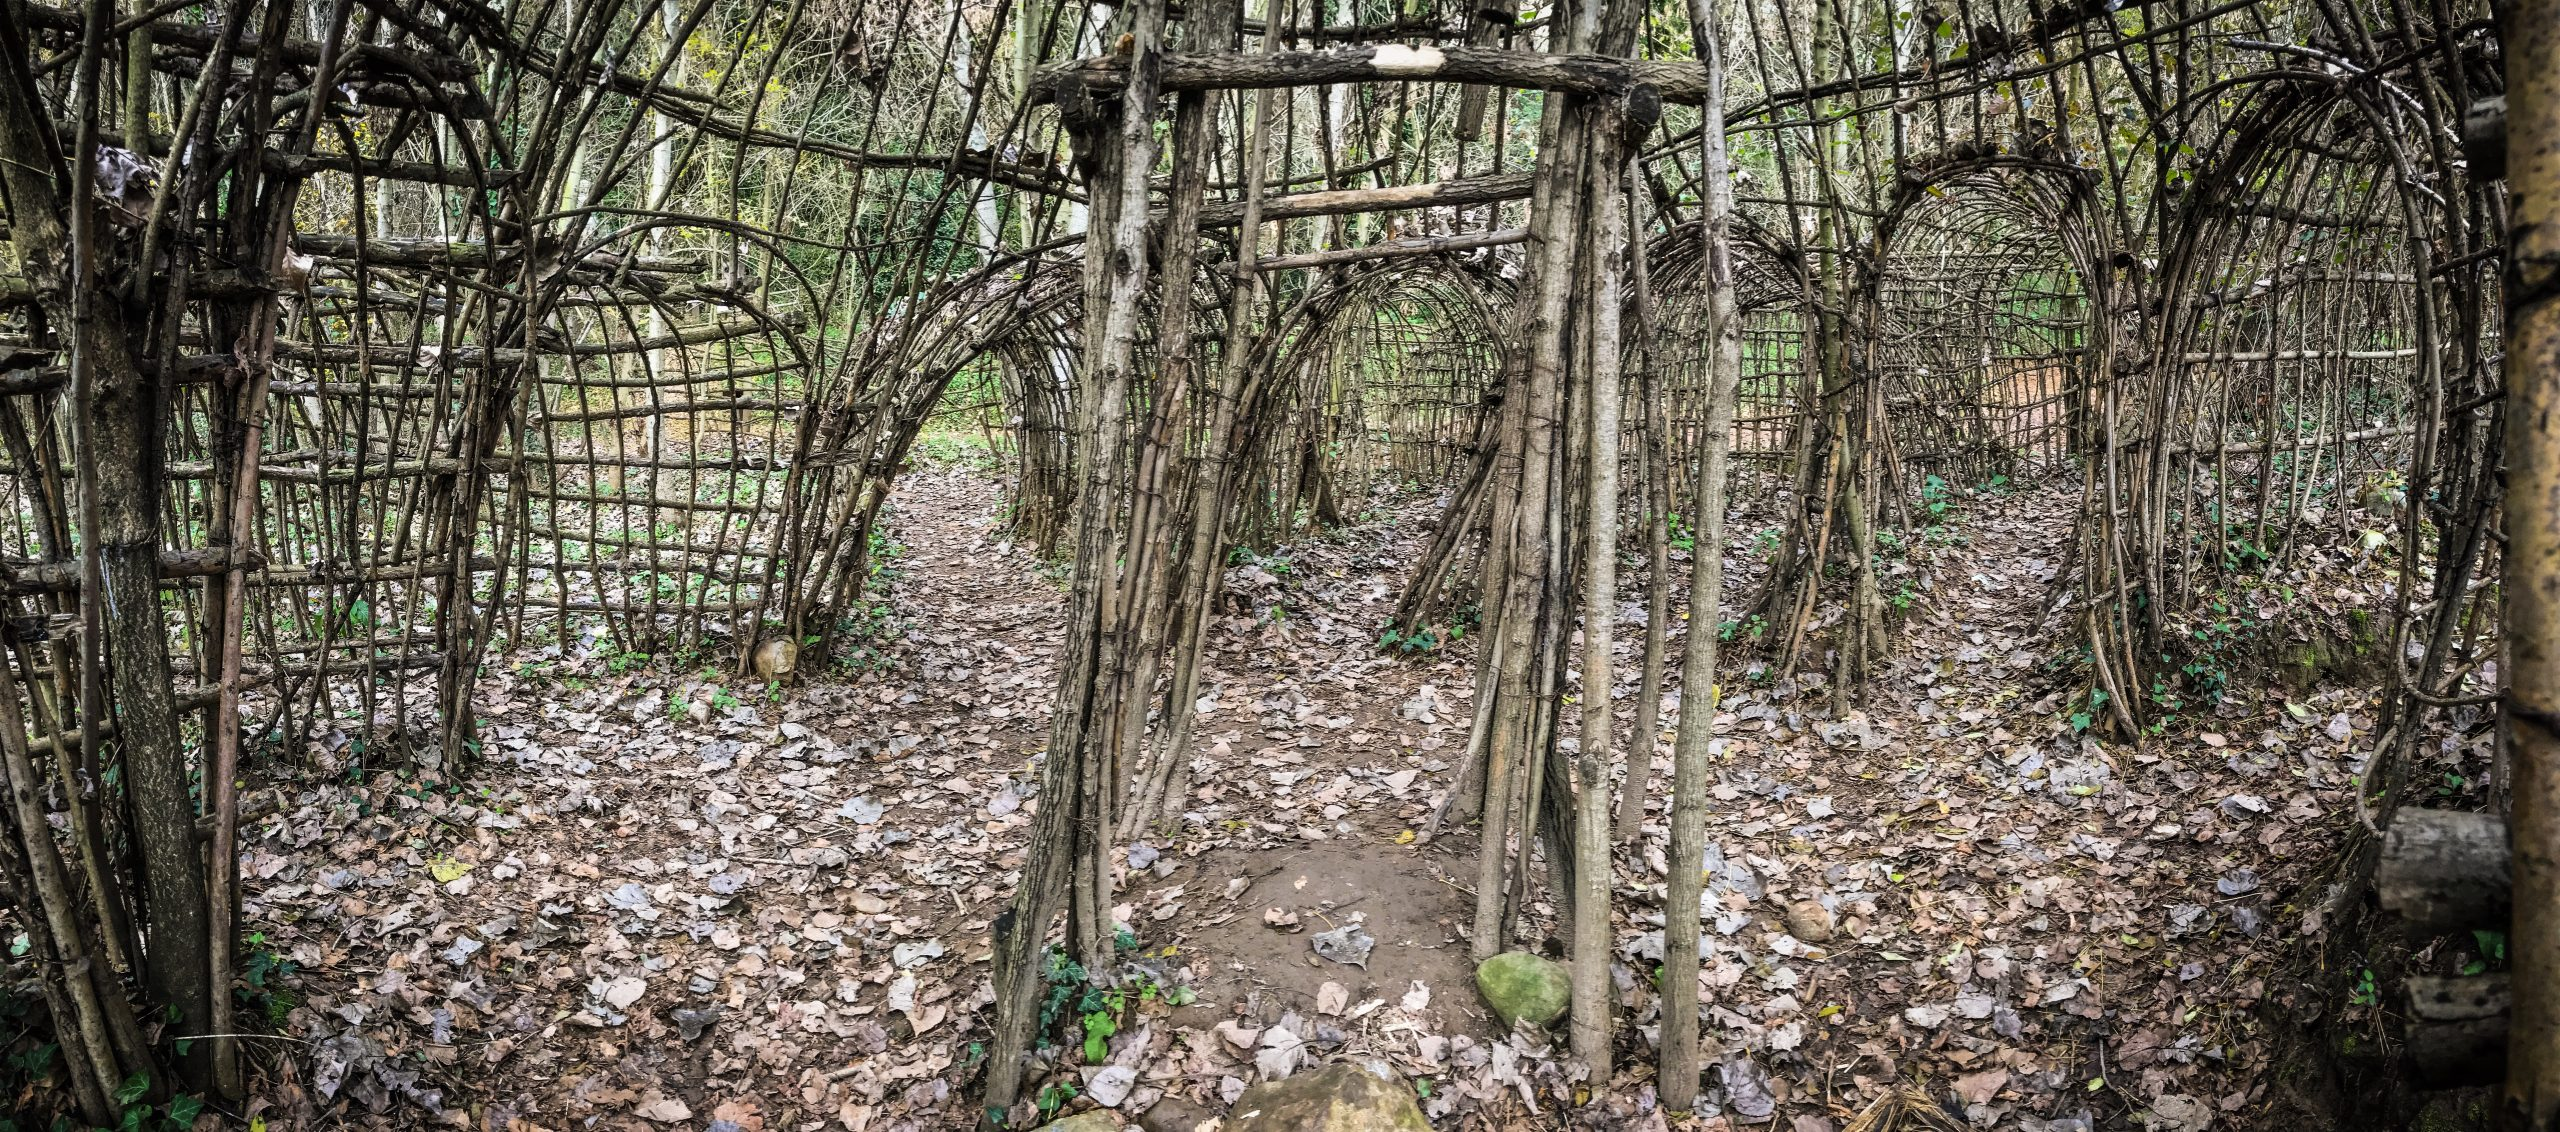 parc garrell et son labyrinthe